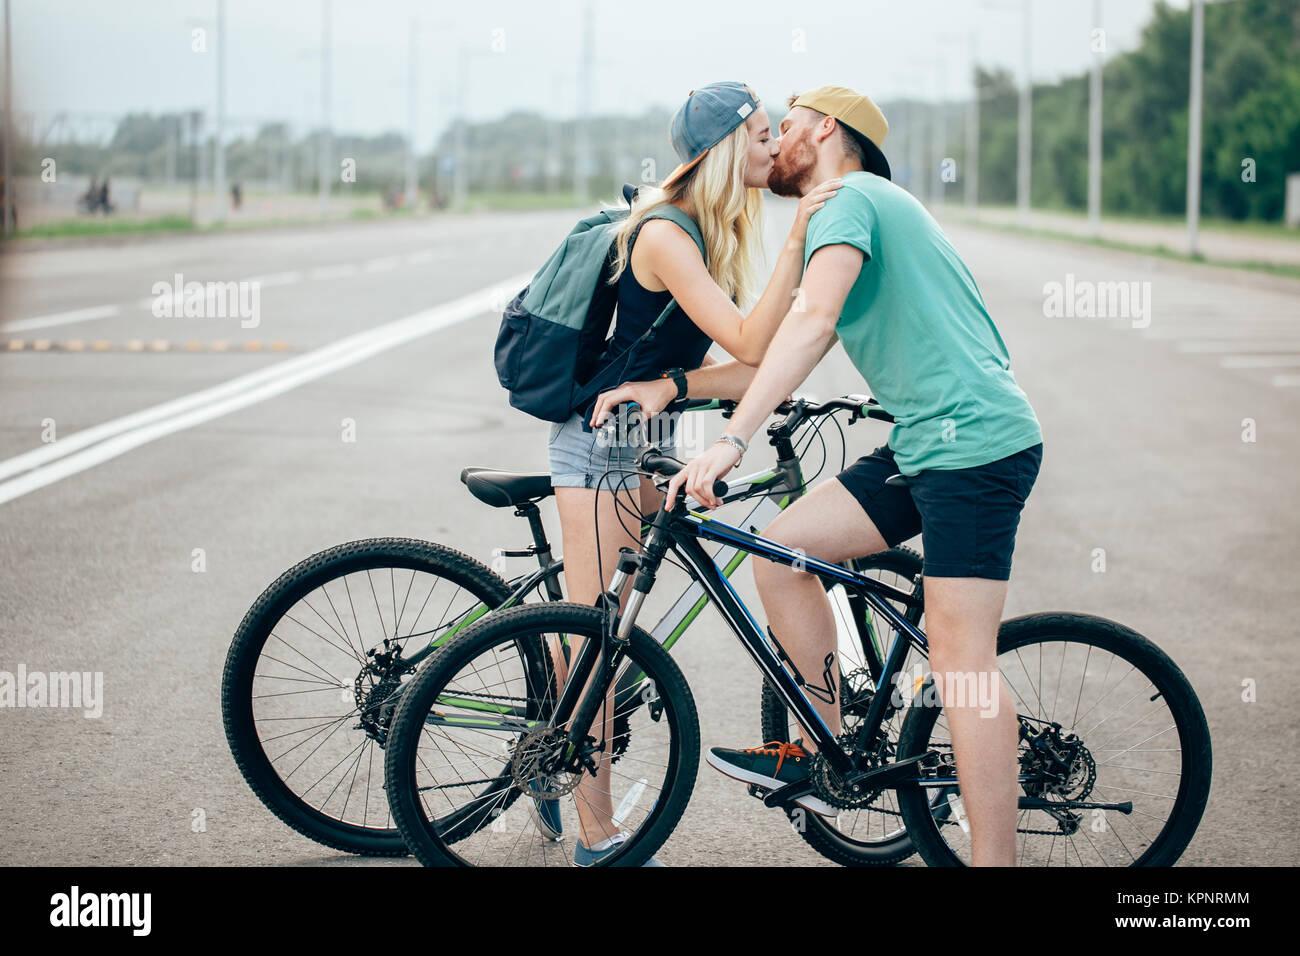 Hermosa pareja joven en amor caminando con bicicletas, besos y abrazos Imagen De Stock